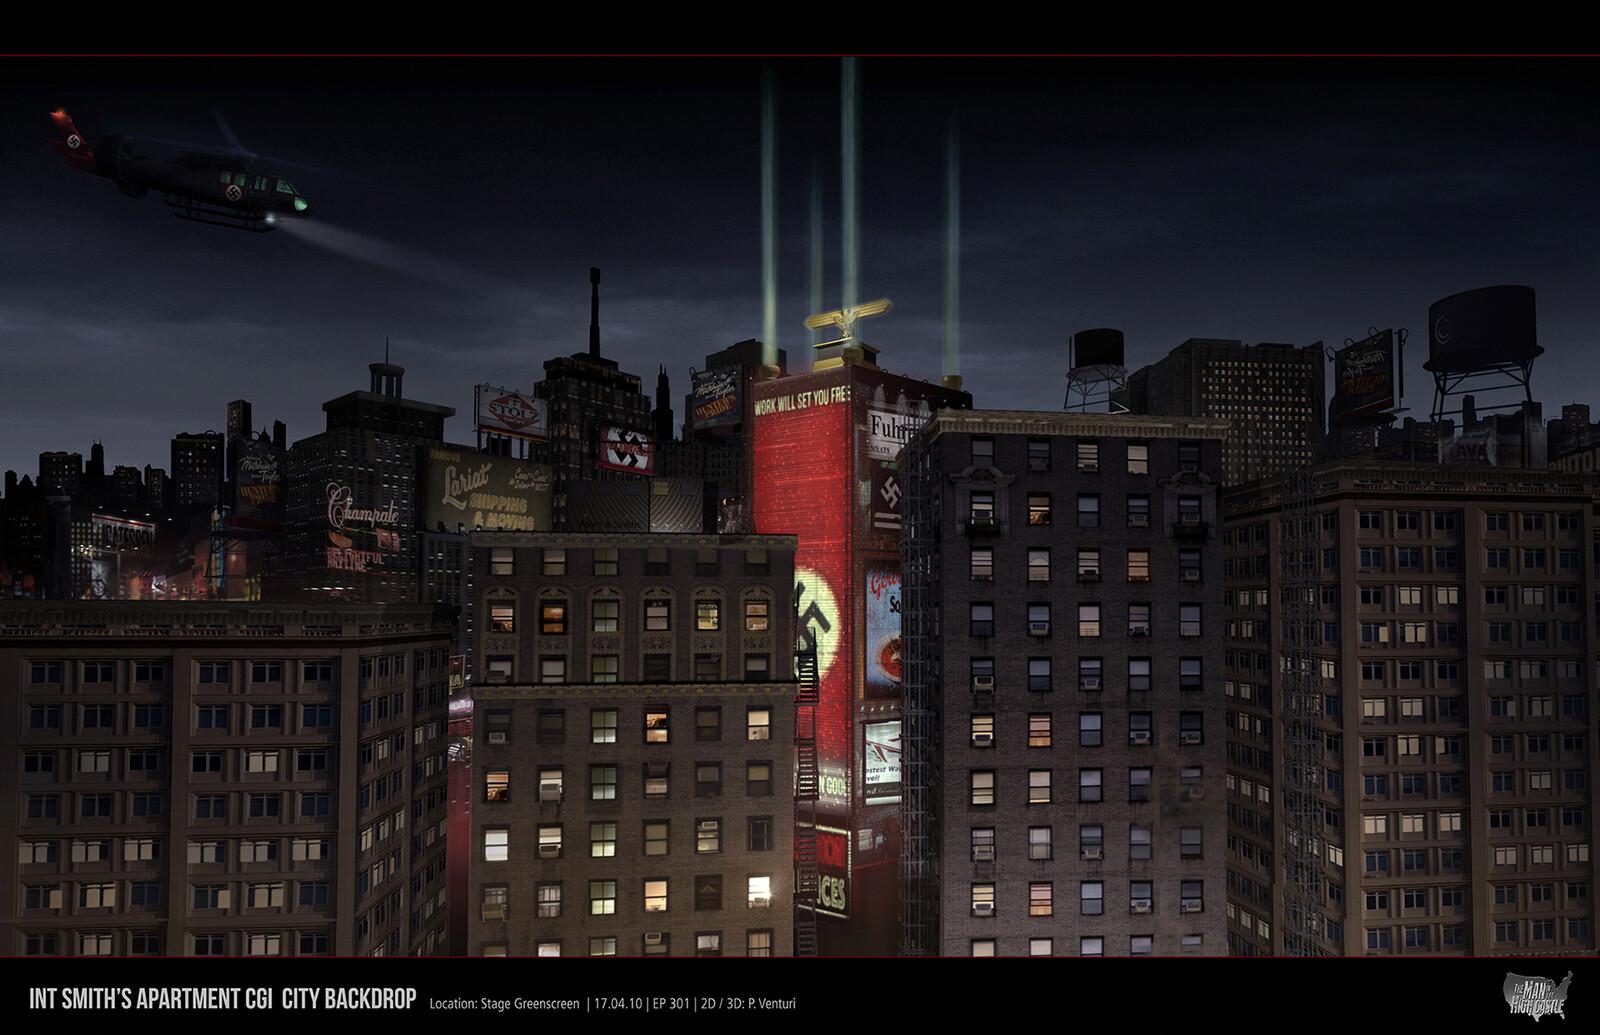 Window View / Man in the High Castle Season 2